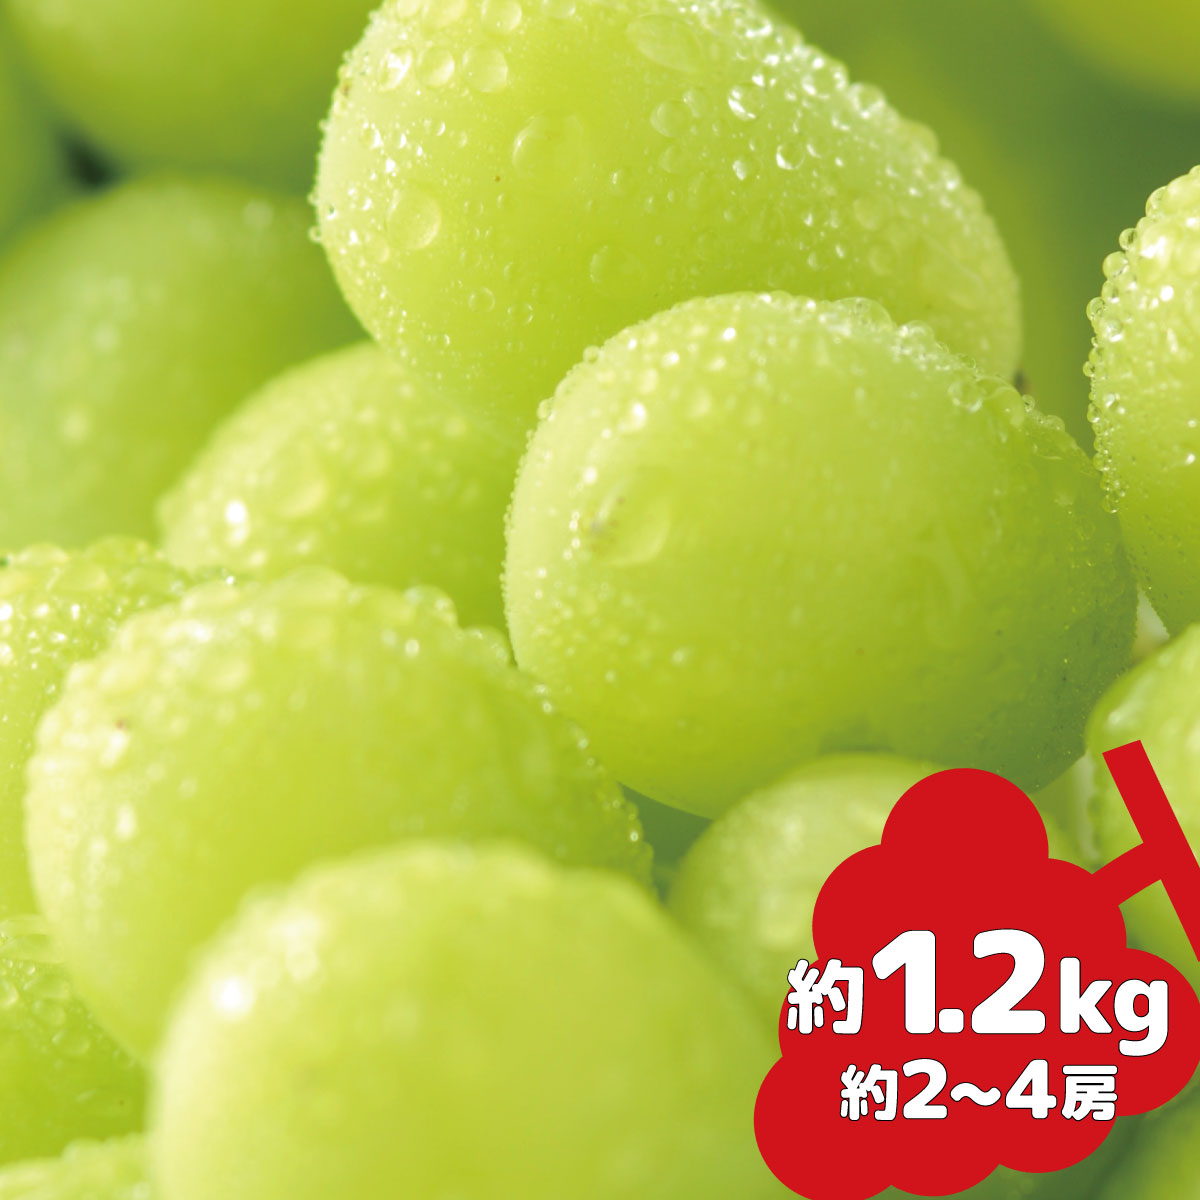 【楽天市場】信州グルメ市場 約1.2kg(約1~4房)の通販